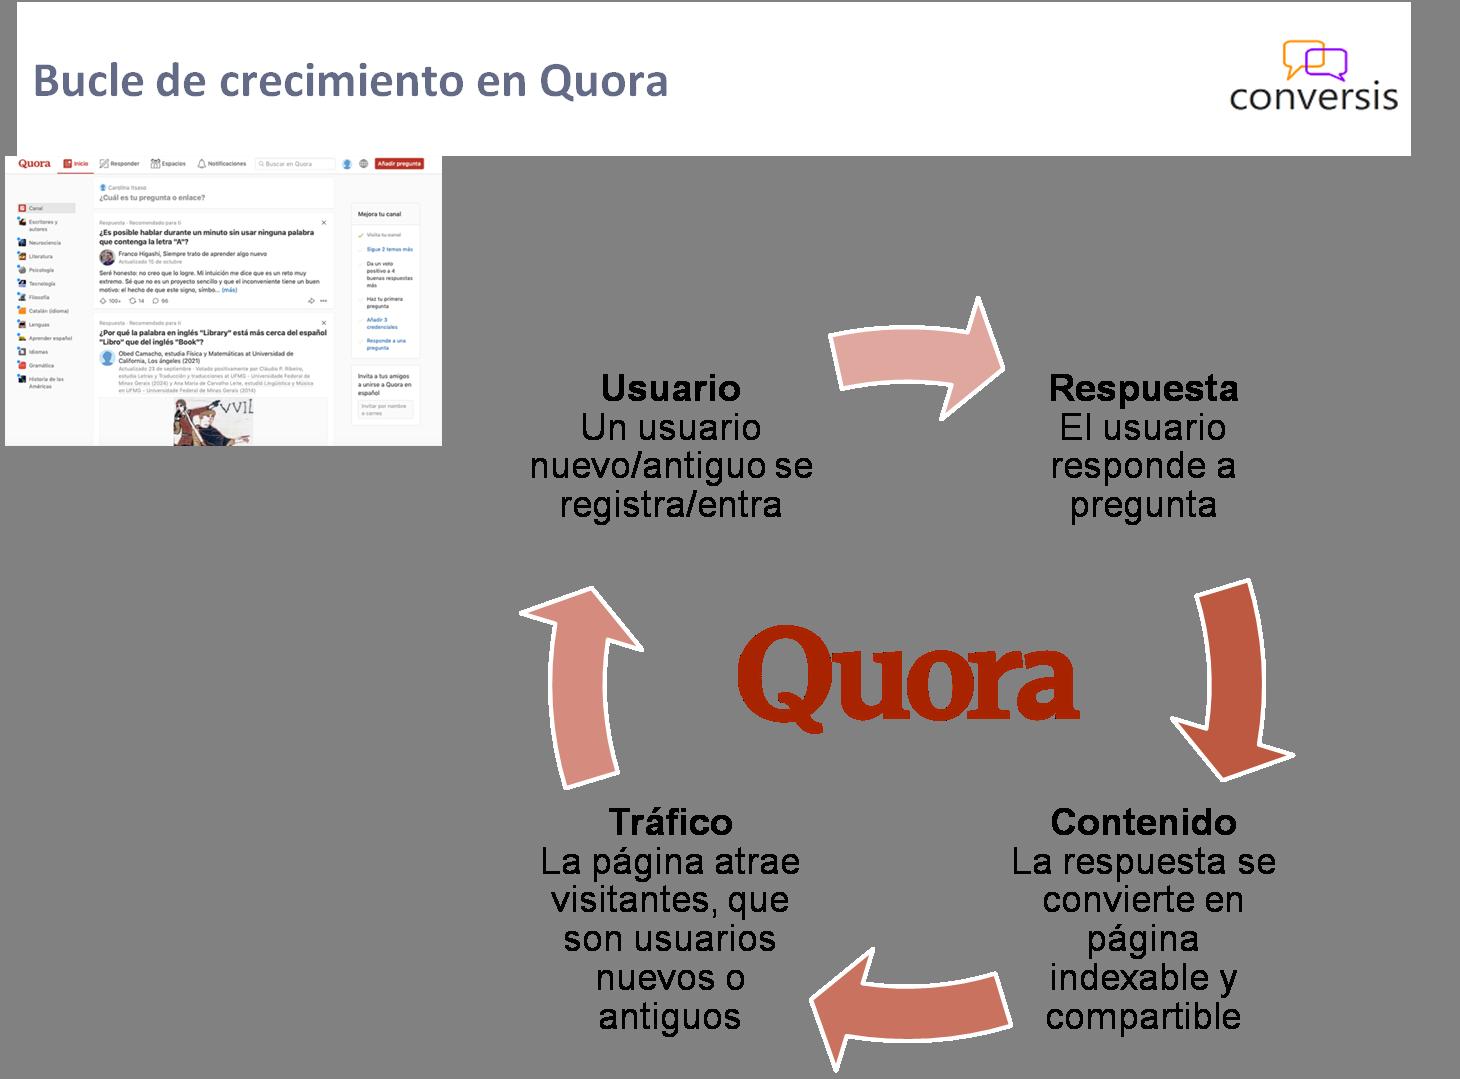 Bucle de crecimiento en Quora